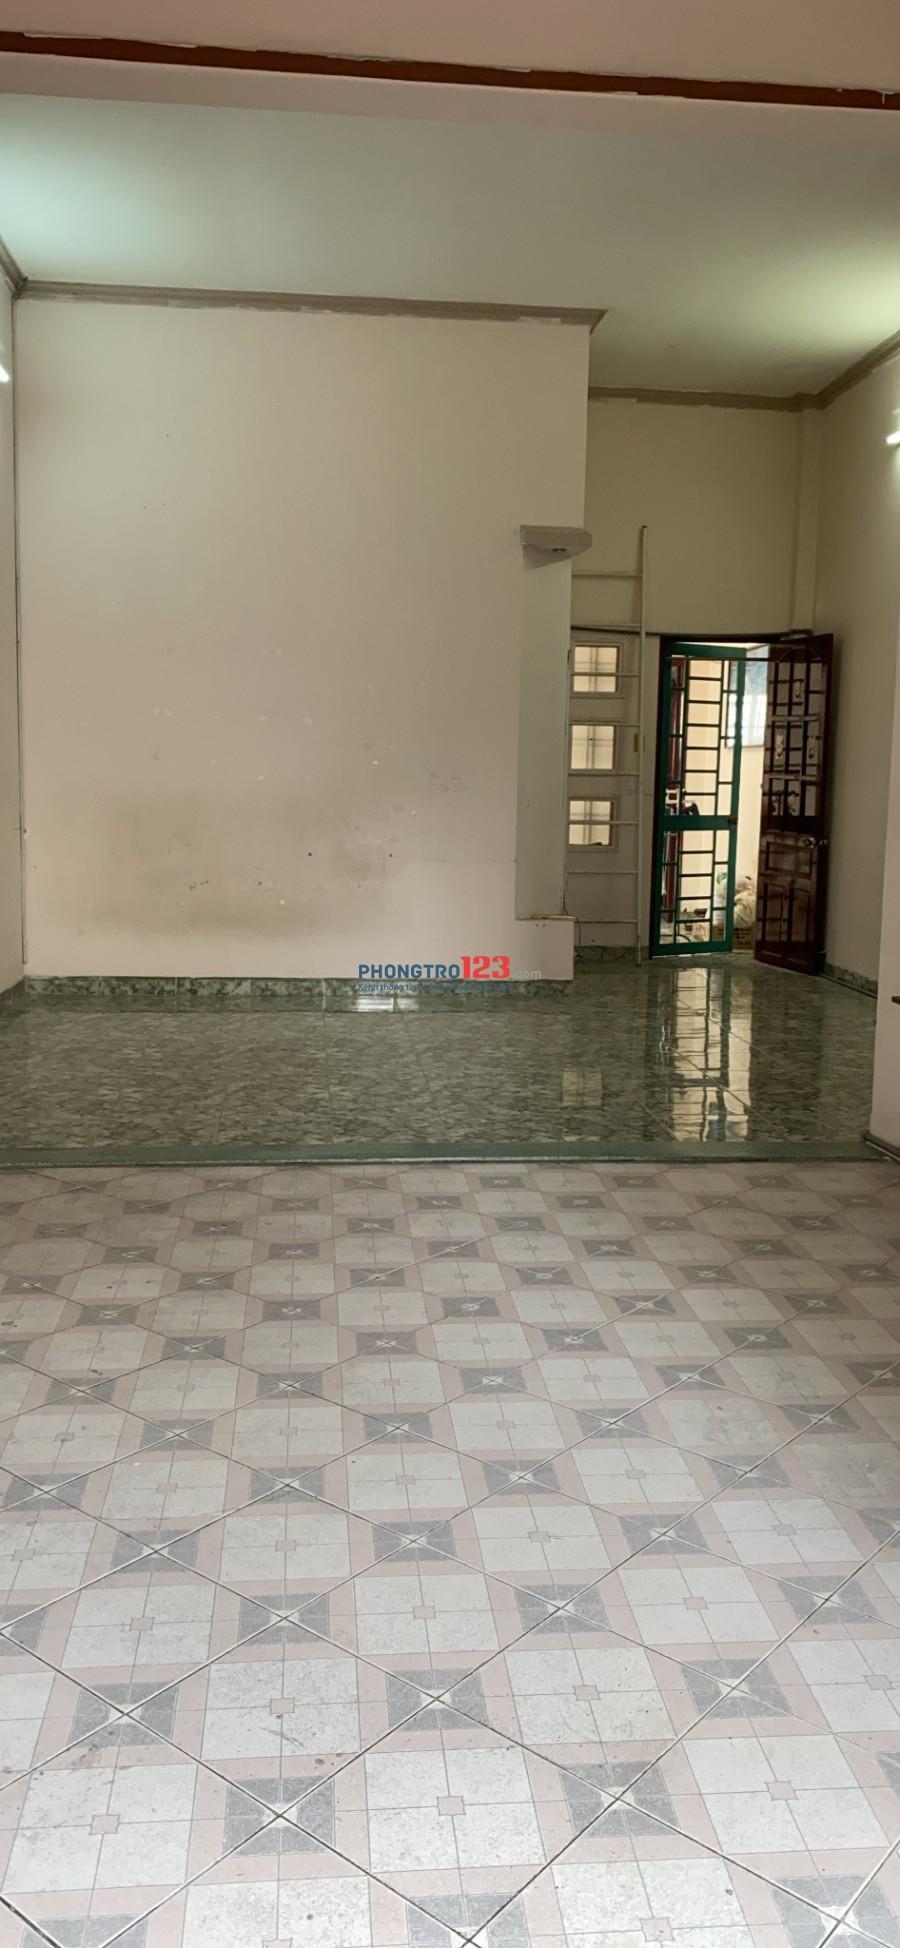 Phòng trọ Nguyễn Văn Công Quận Gò Vấp 50m²